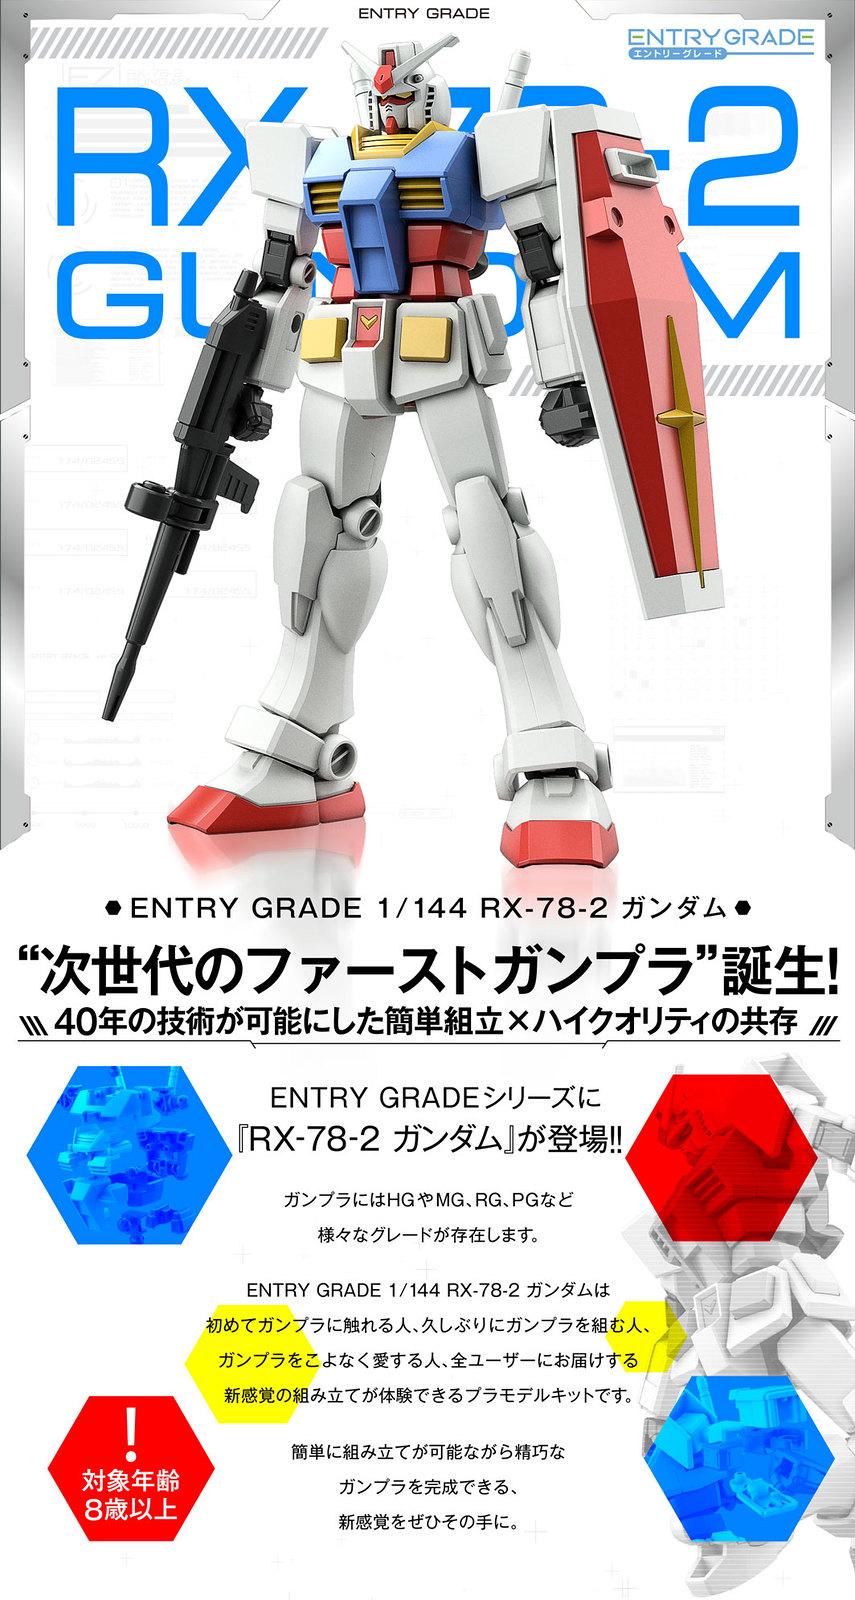 組裝簡單卻有出色可動!ENTRY GRADE 1/144《機動戰士鋼彈》RX-78-2 鋼彈(ガンダム)